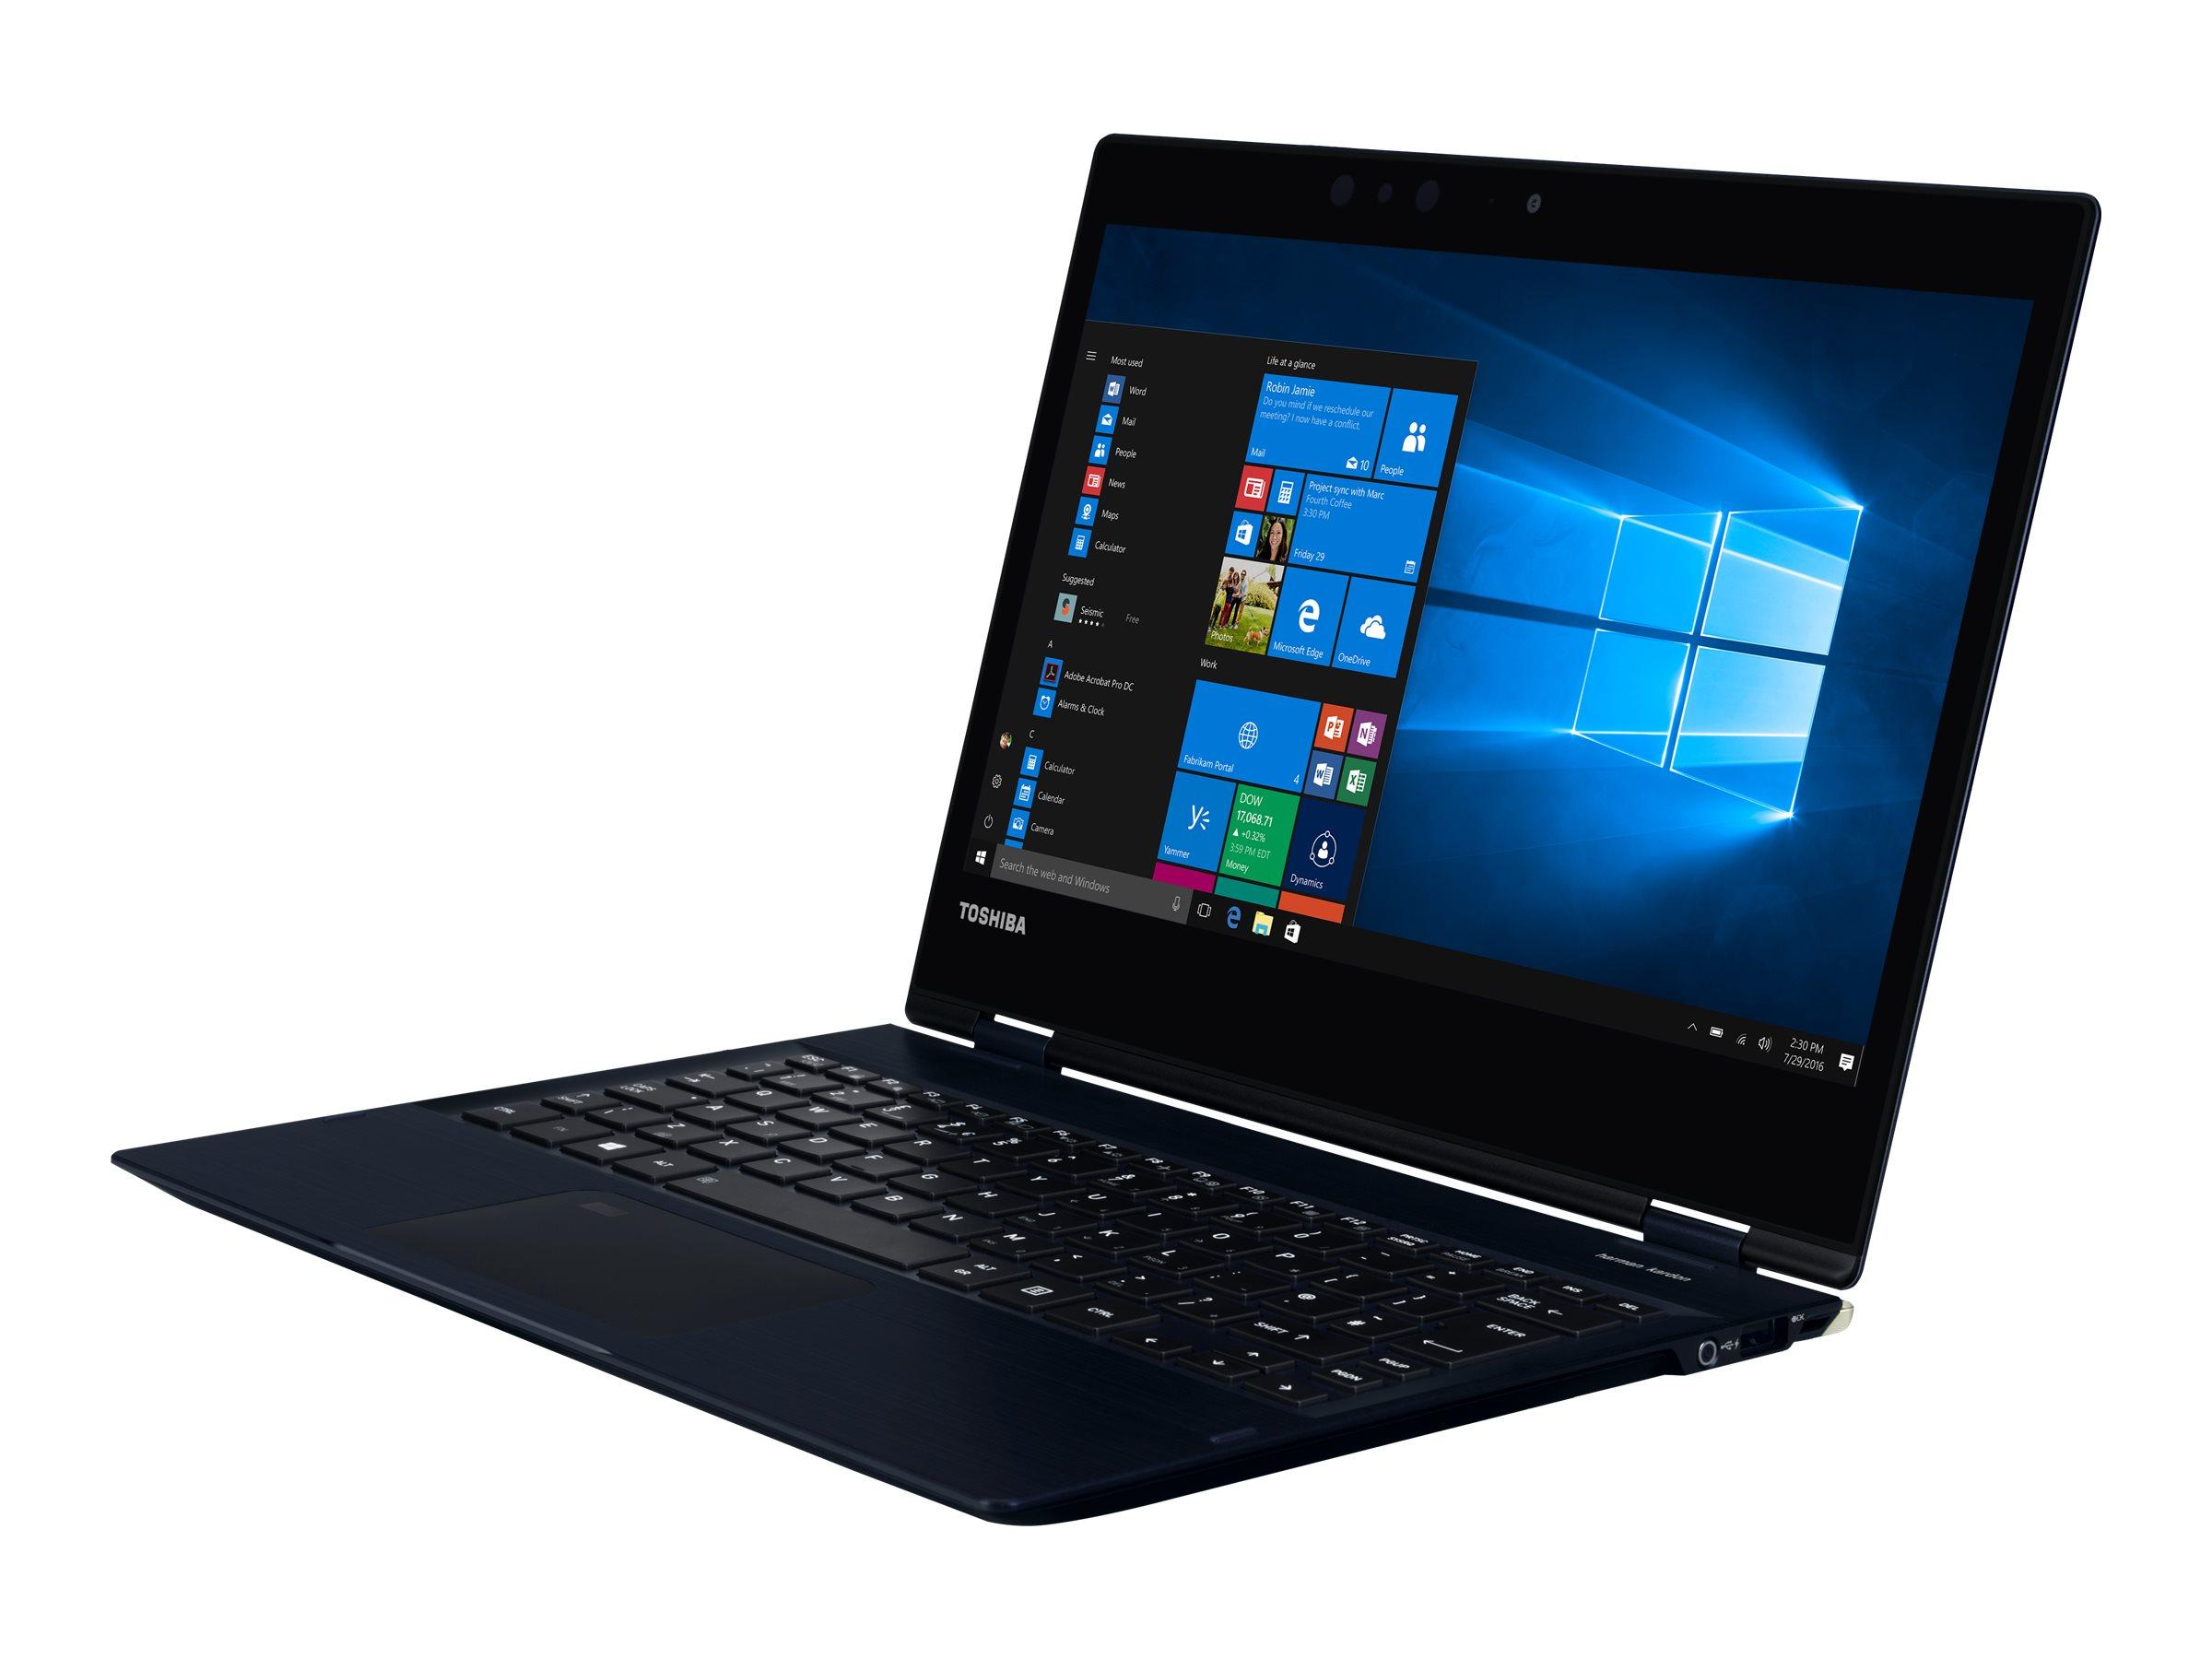 Toshiba Dynabook Toshiba Port?g? X20W-E-15V - Flip-Design - Core i5 7200U / 2.5 GHz - Win 10 Pro 64-Bit - 8 GB RAM - 256